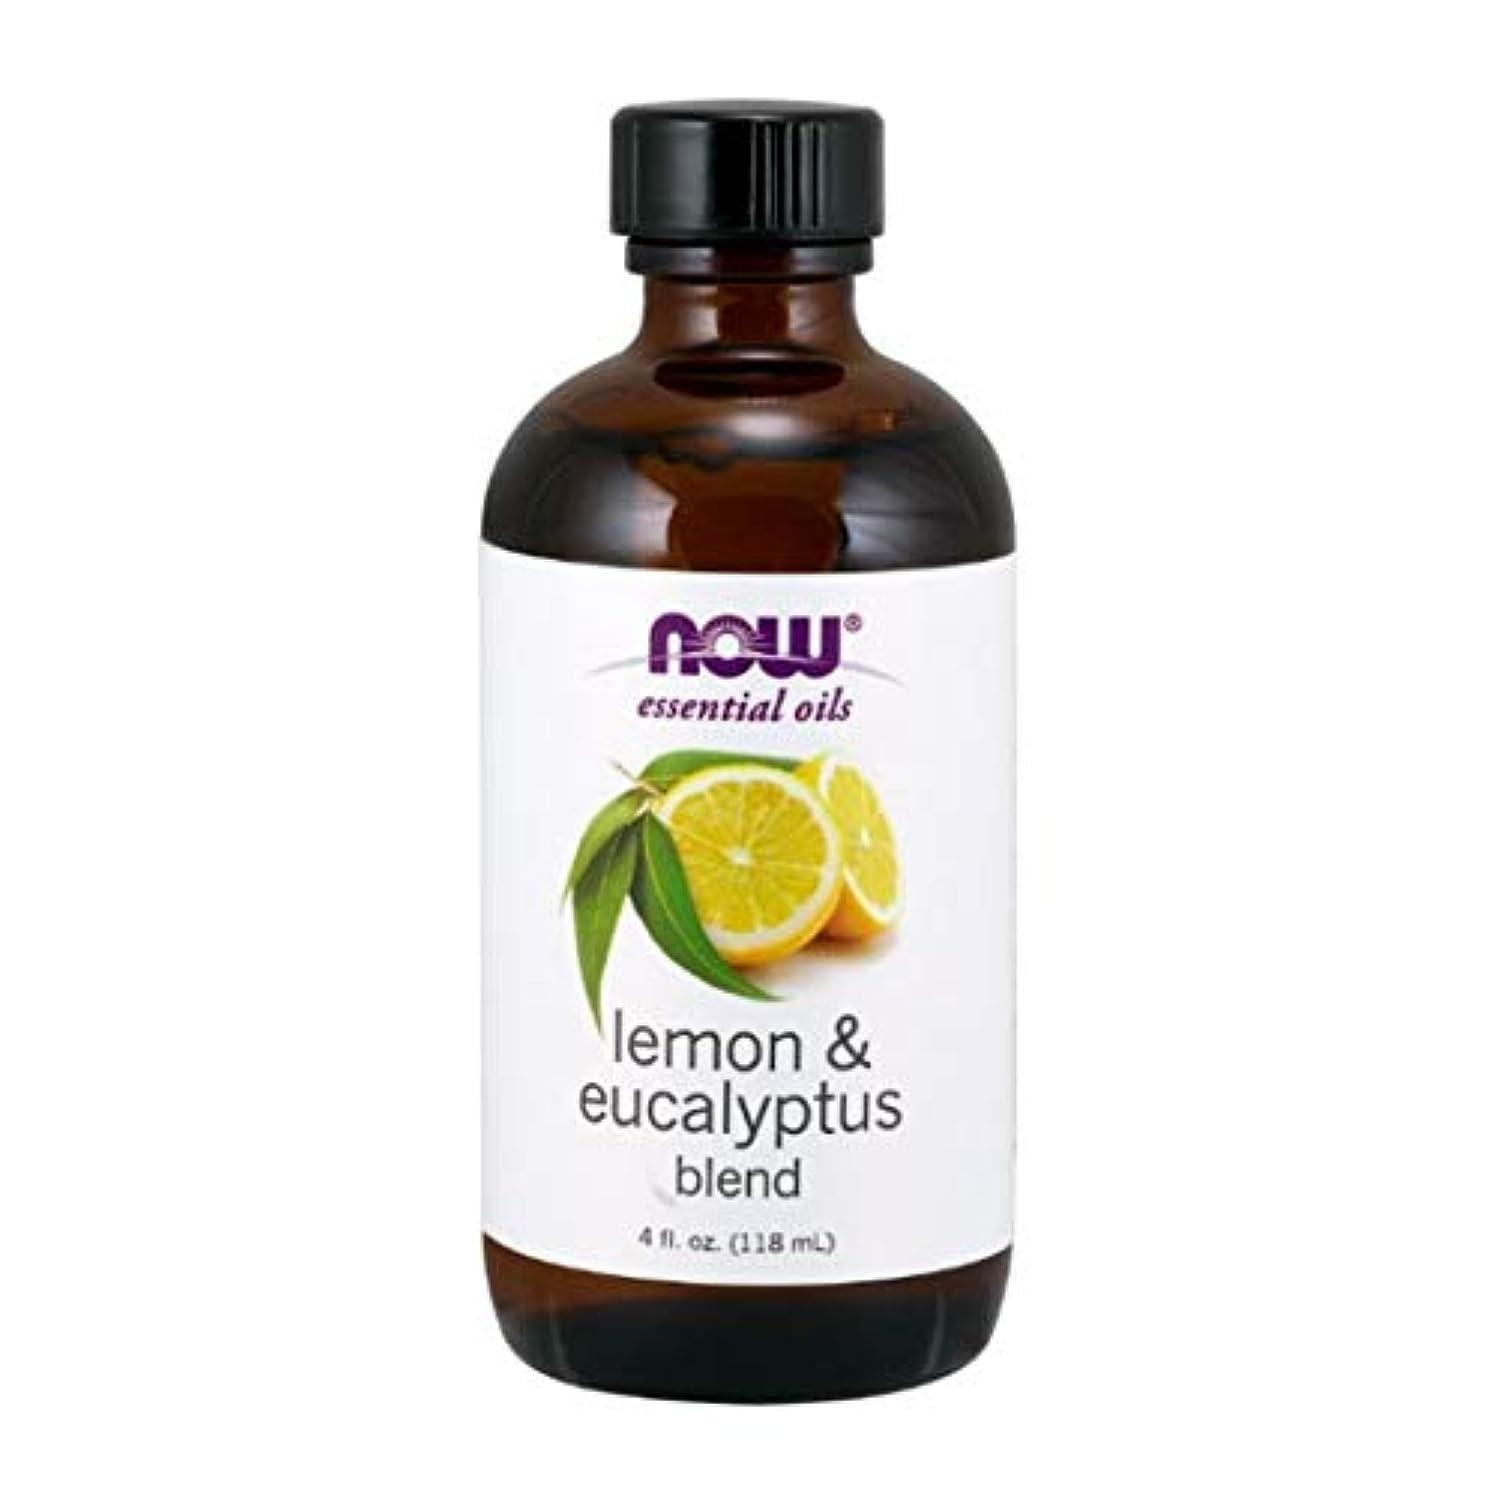 引き金是正するスクラップNow - Lemon & Eucalyptus Blend With Lemongrass 4 oz (118 ml) [並行輸入品]